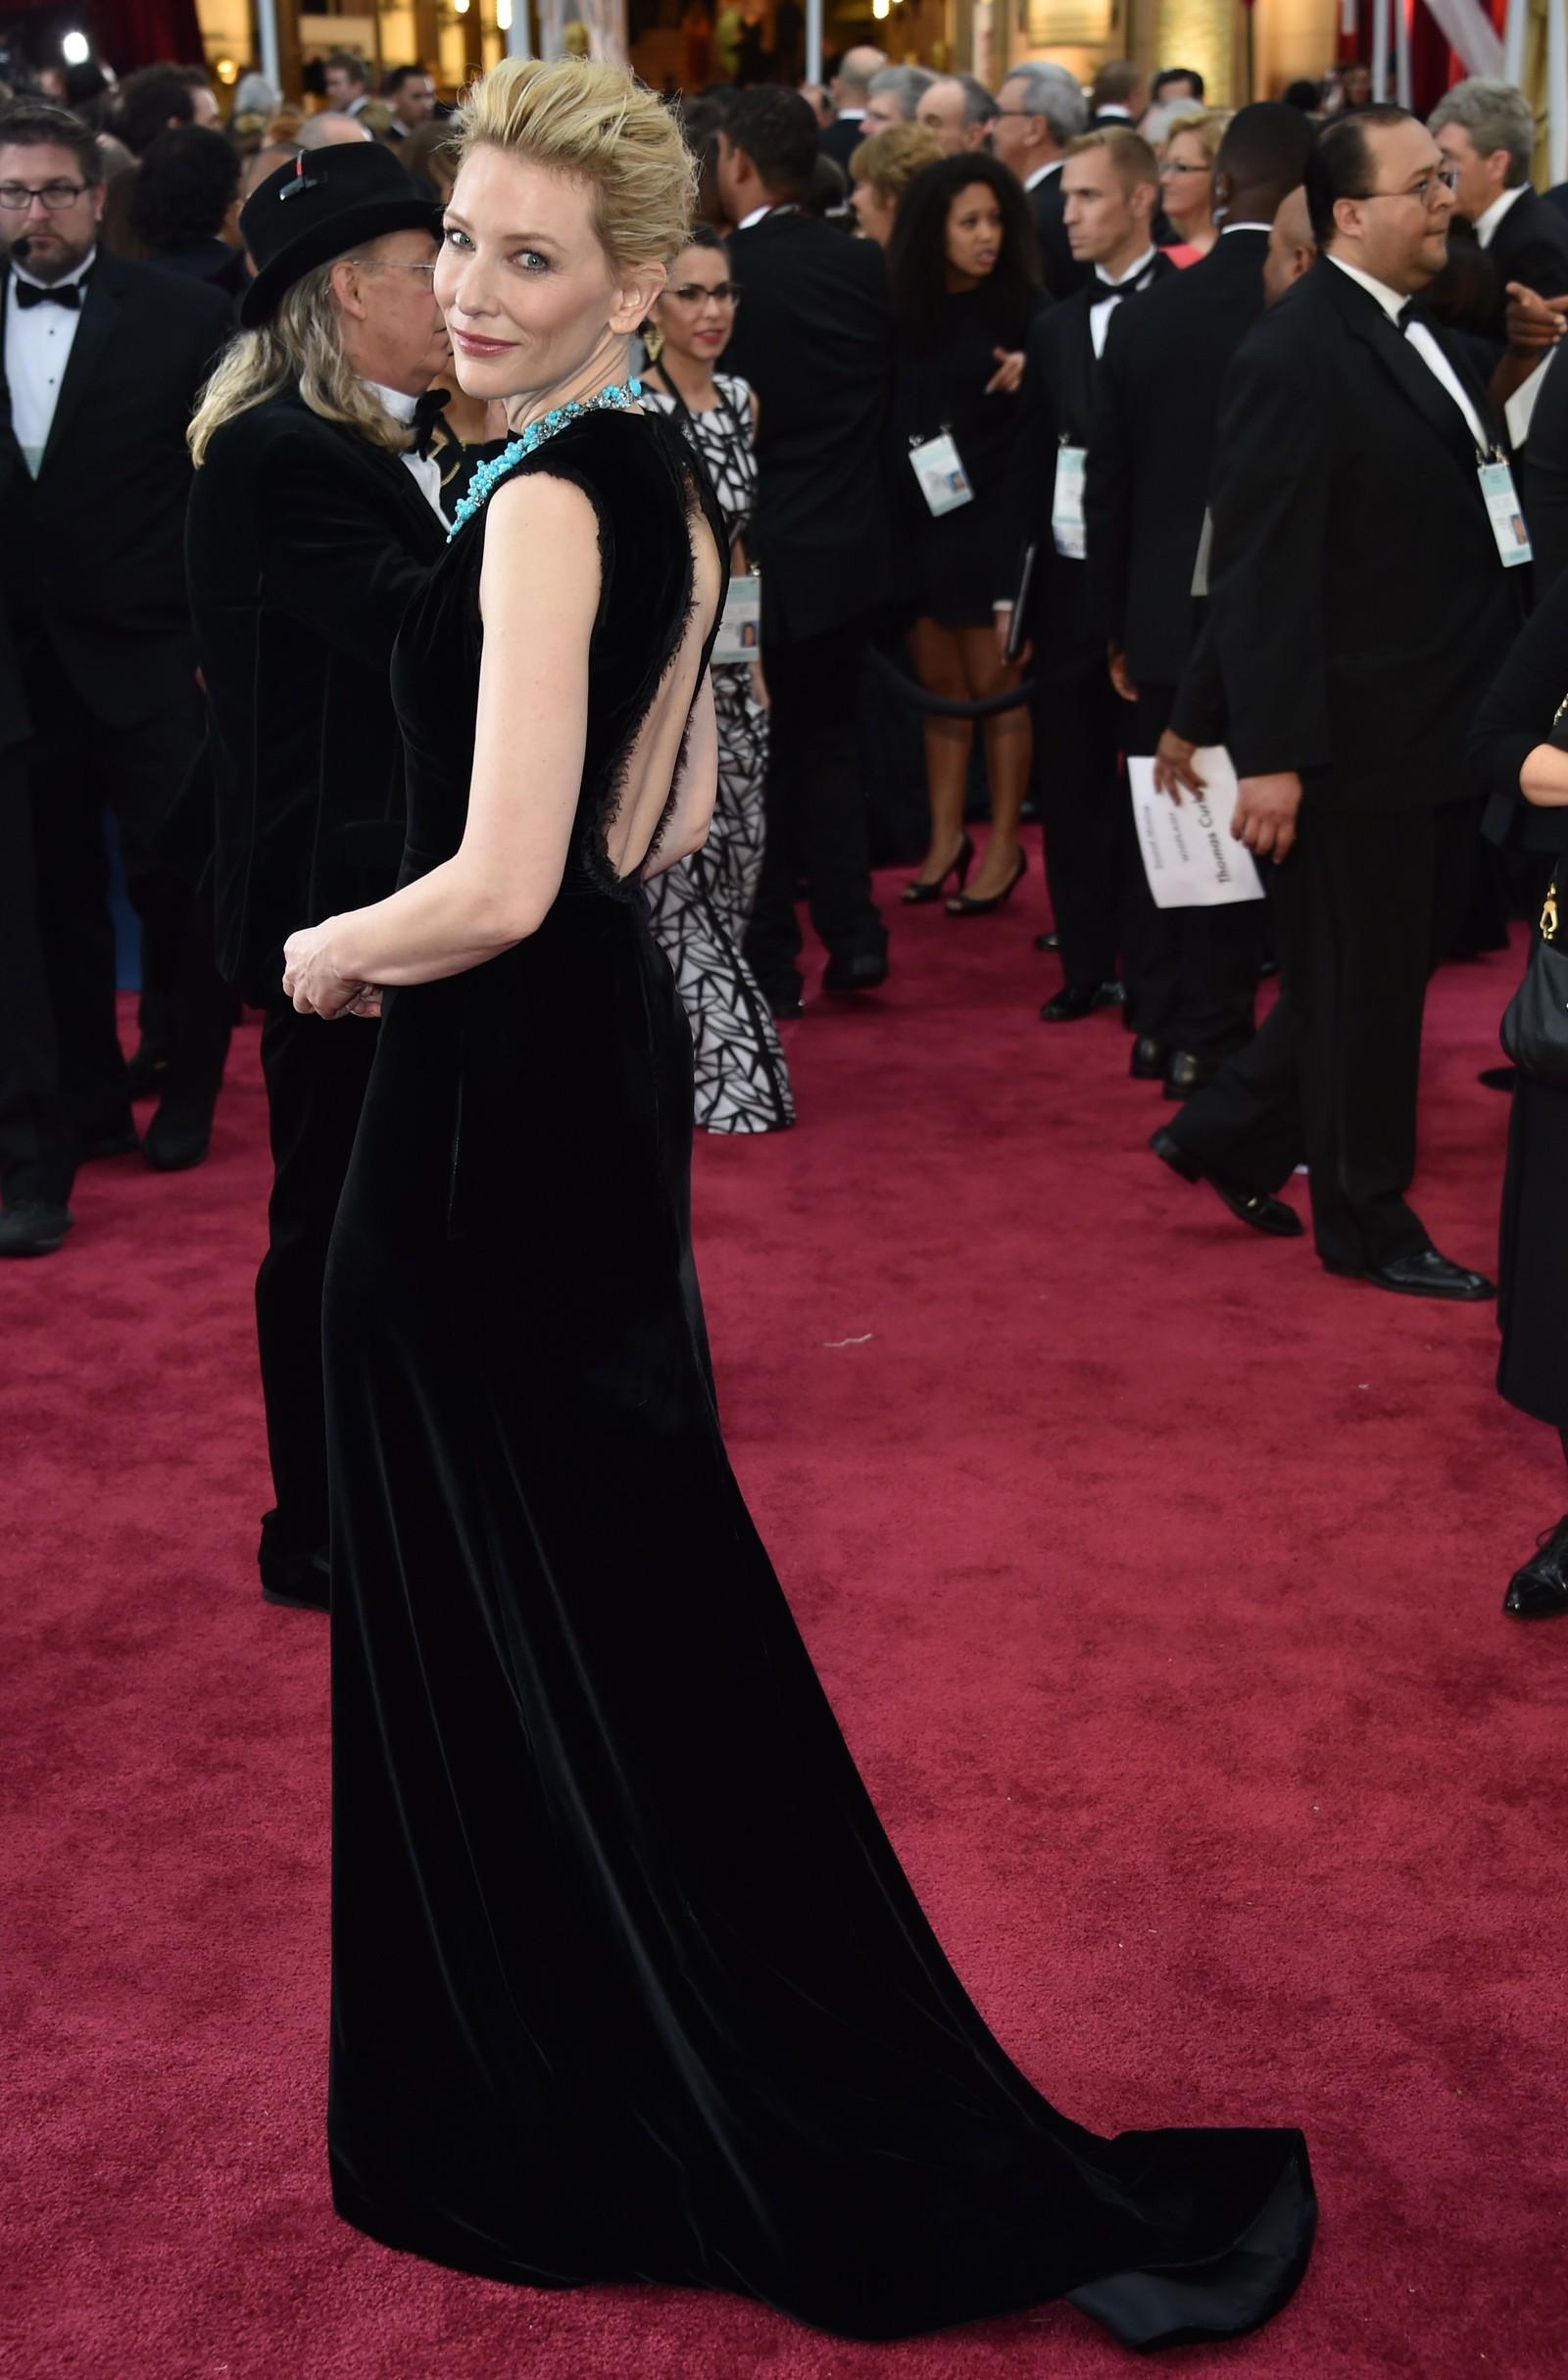 NUMMER TRE: En klassisk svart kjole med et turkis smykke som løfter antrekket, mener NRKs ekspert om Cate Blanchetts valg for kvelden.